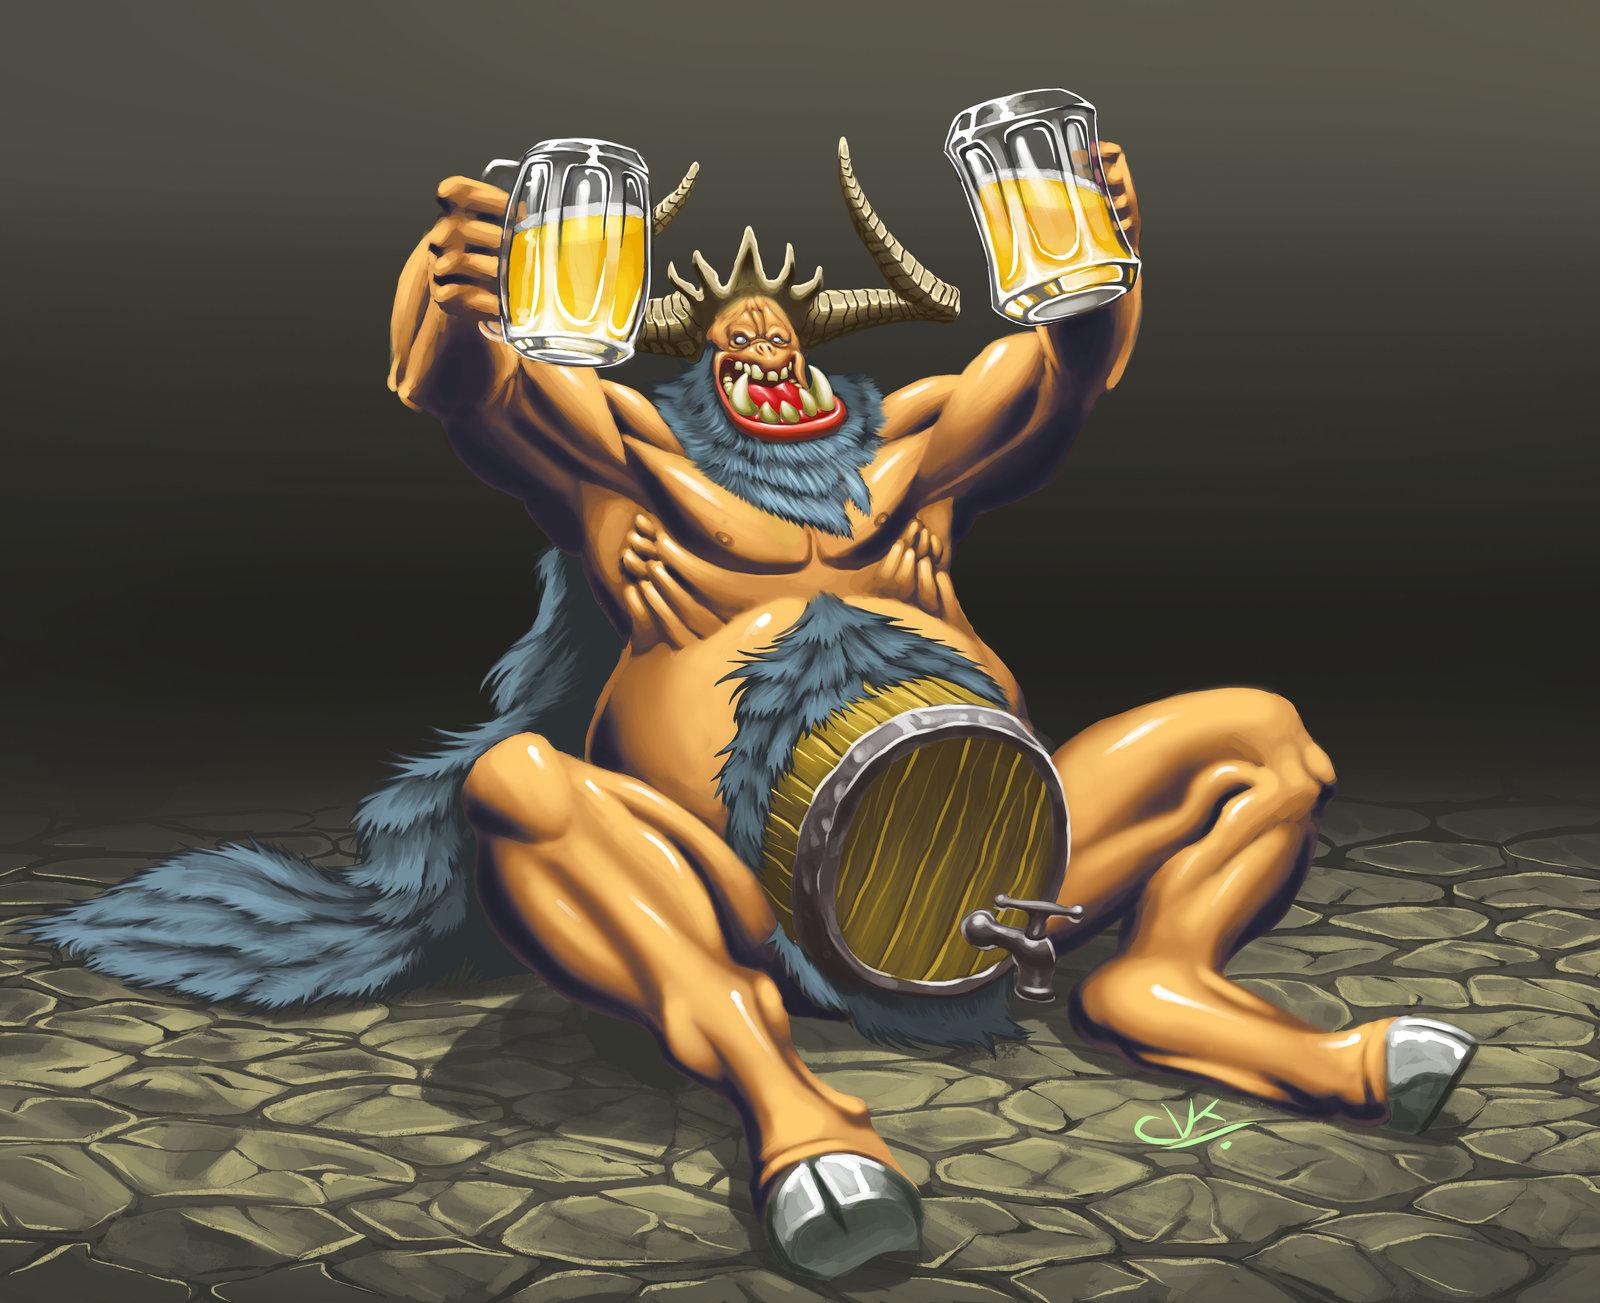 beer_demon_by_sirbedevere-d85h942.jpg